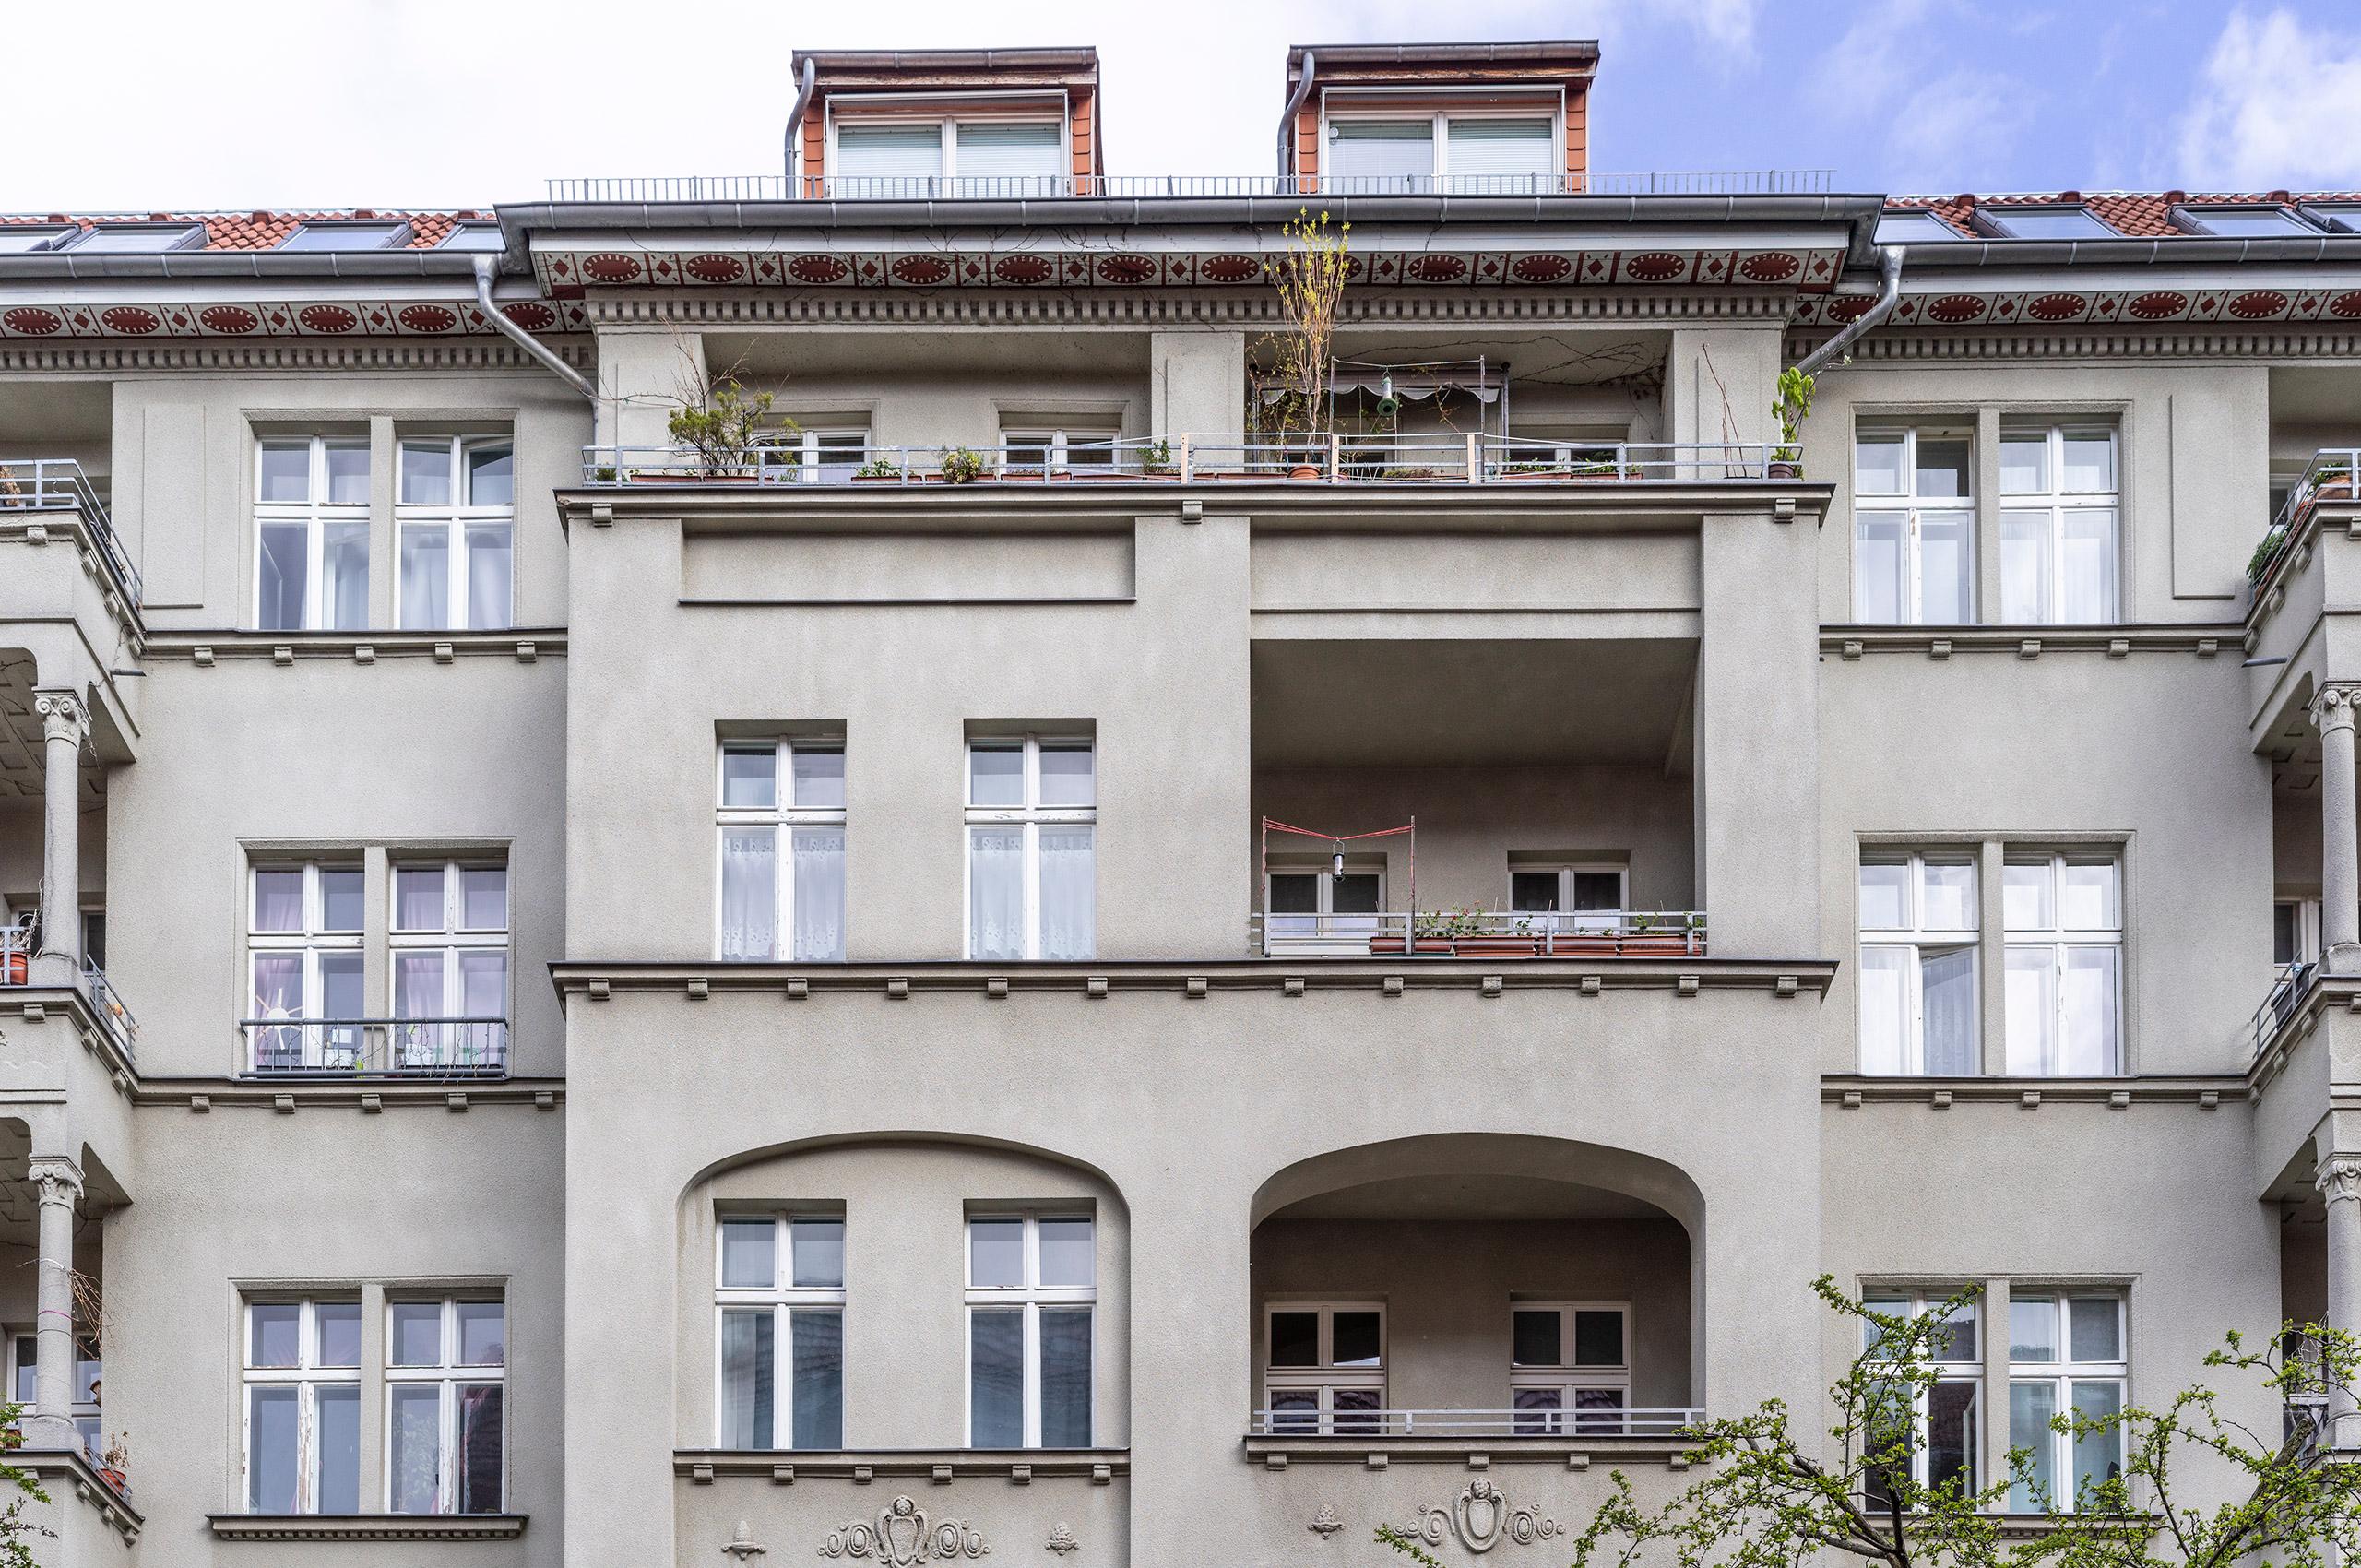 Vicent Architekten Knorrpromenade Dachgeschoss